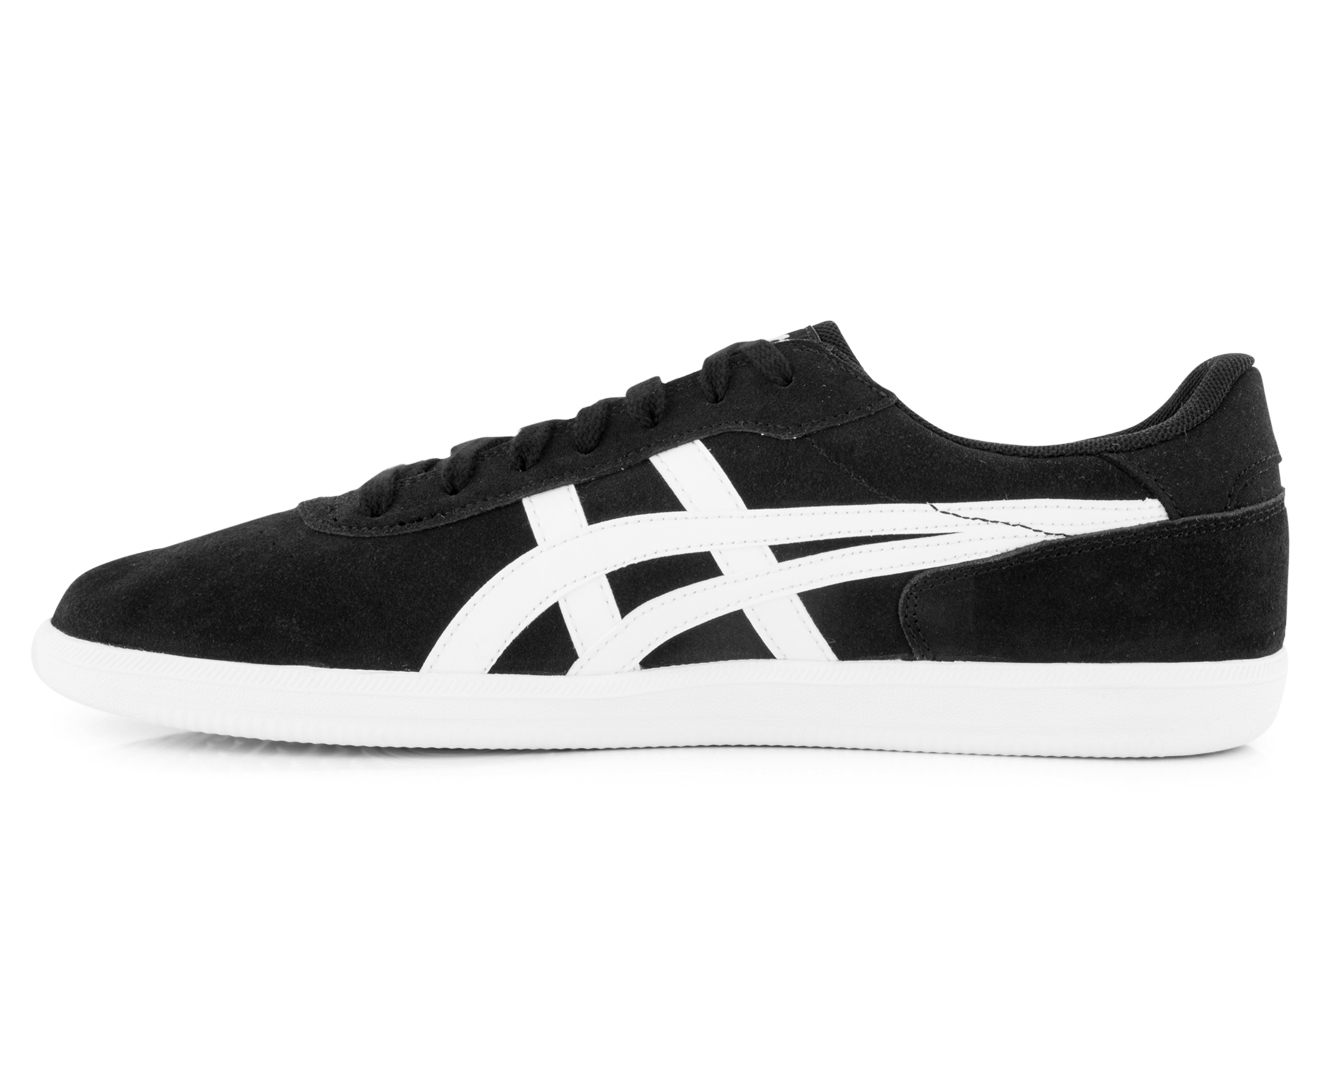 243109e9b0 ASICS Tiger Men's Percussor TRS Shoe - Black/White